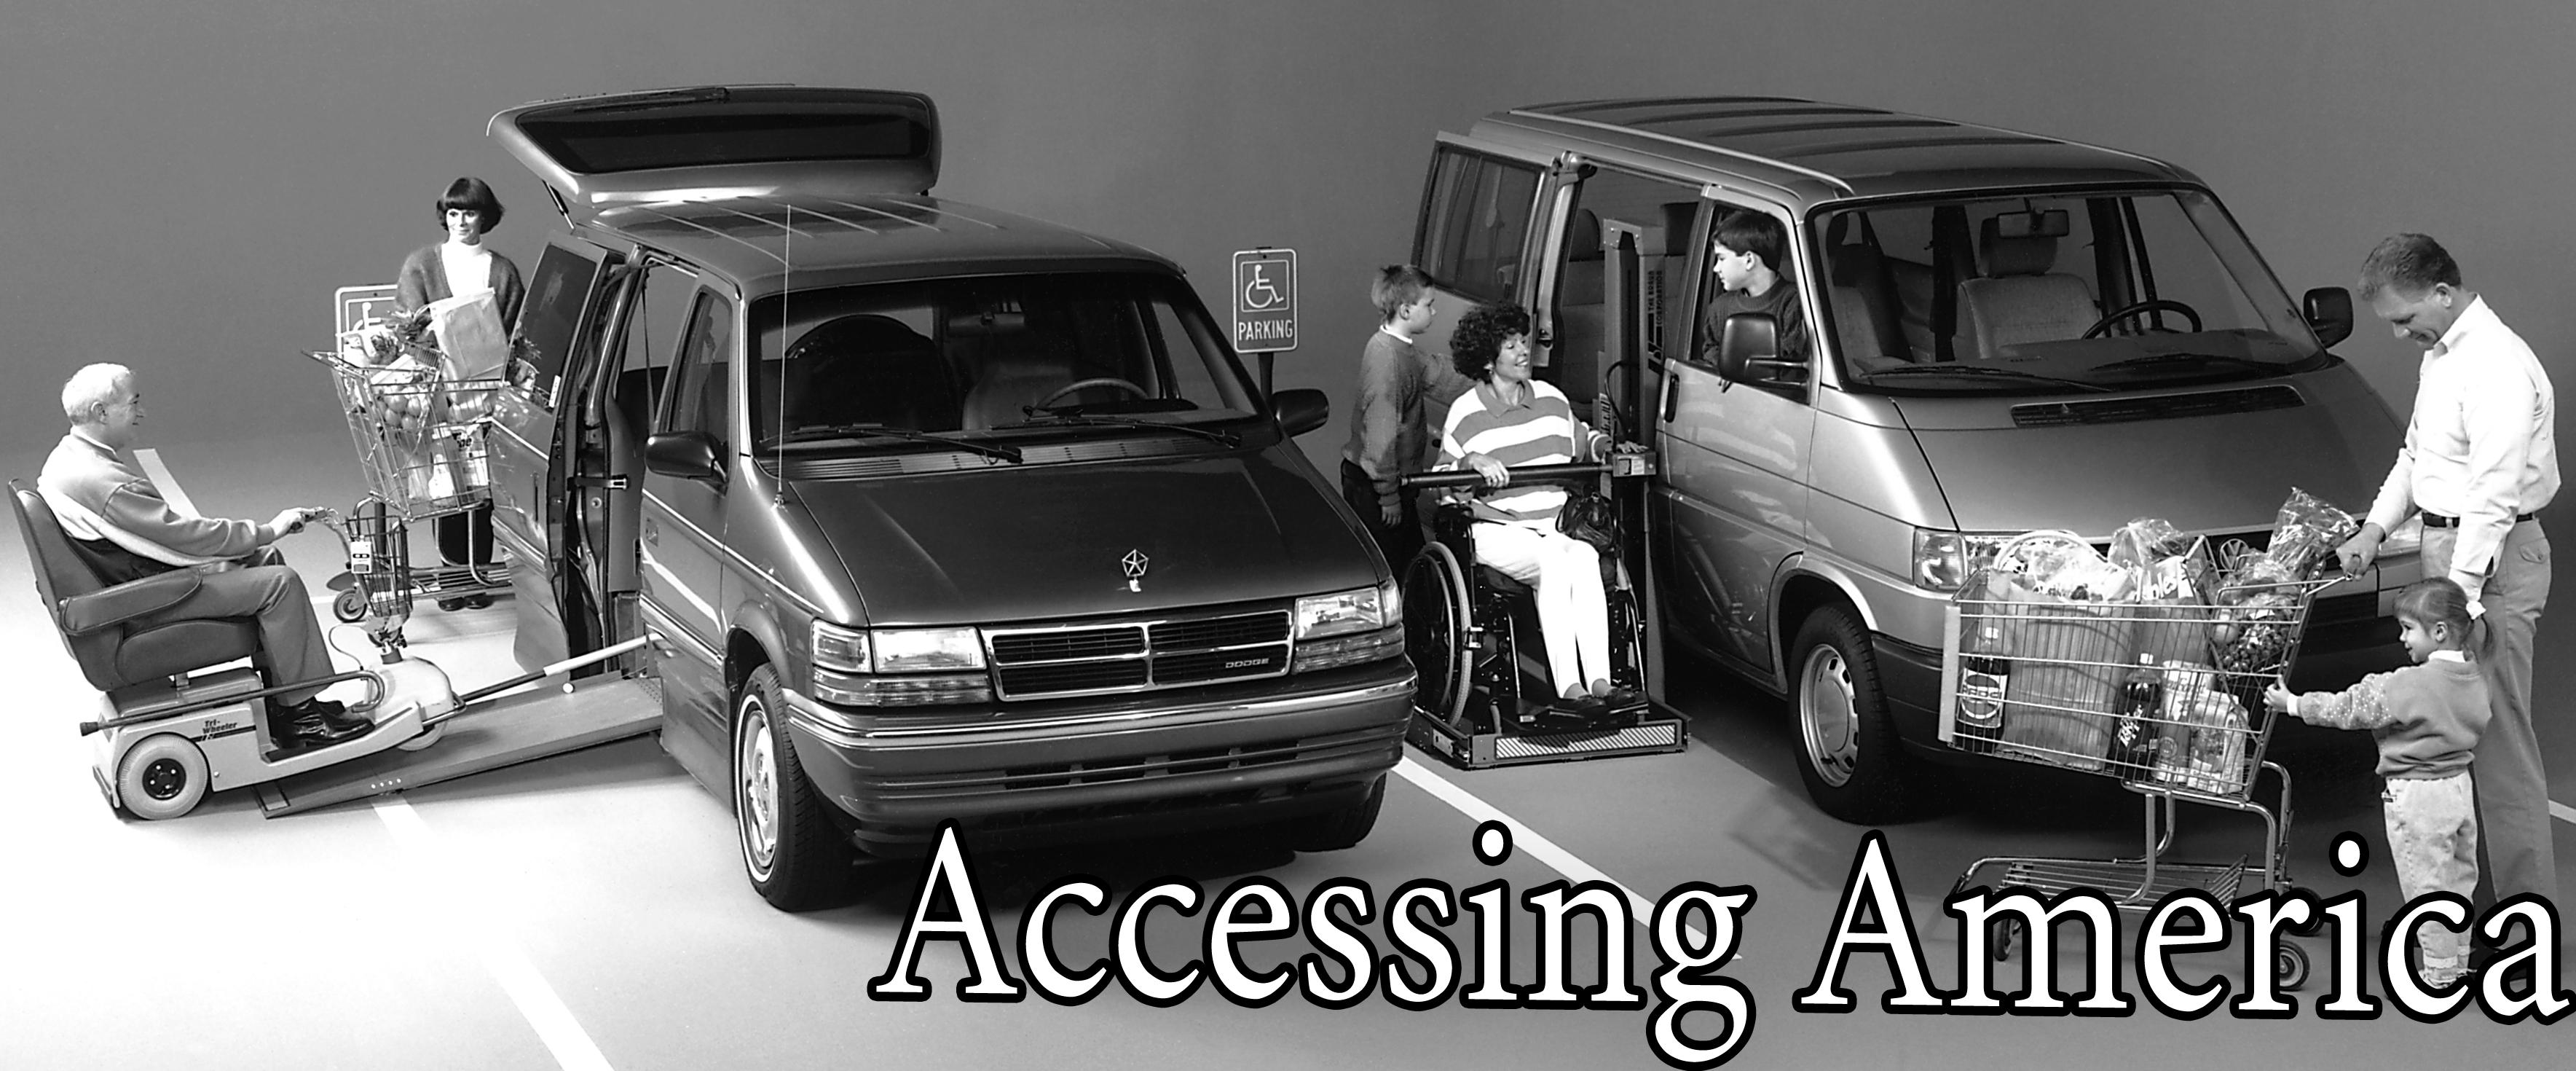 Accessing America